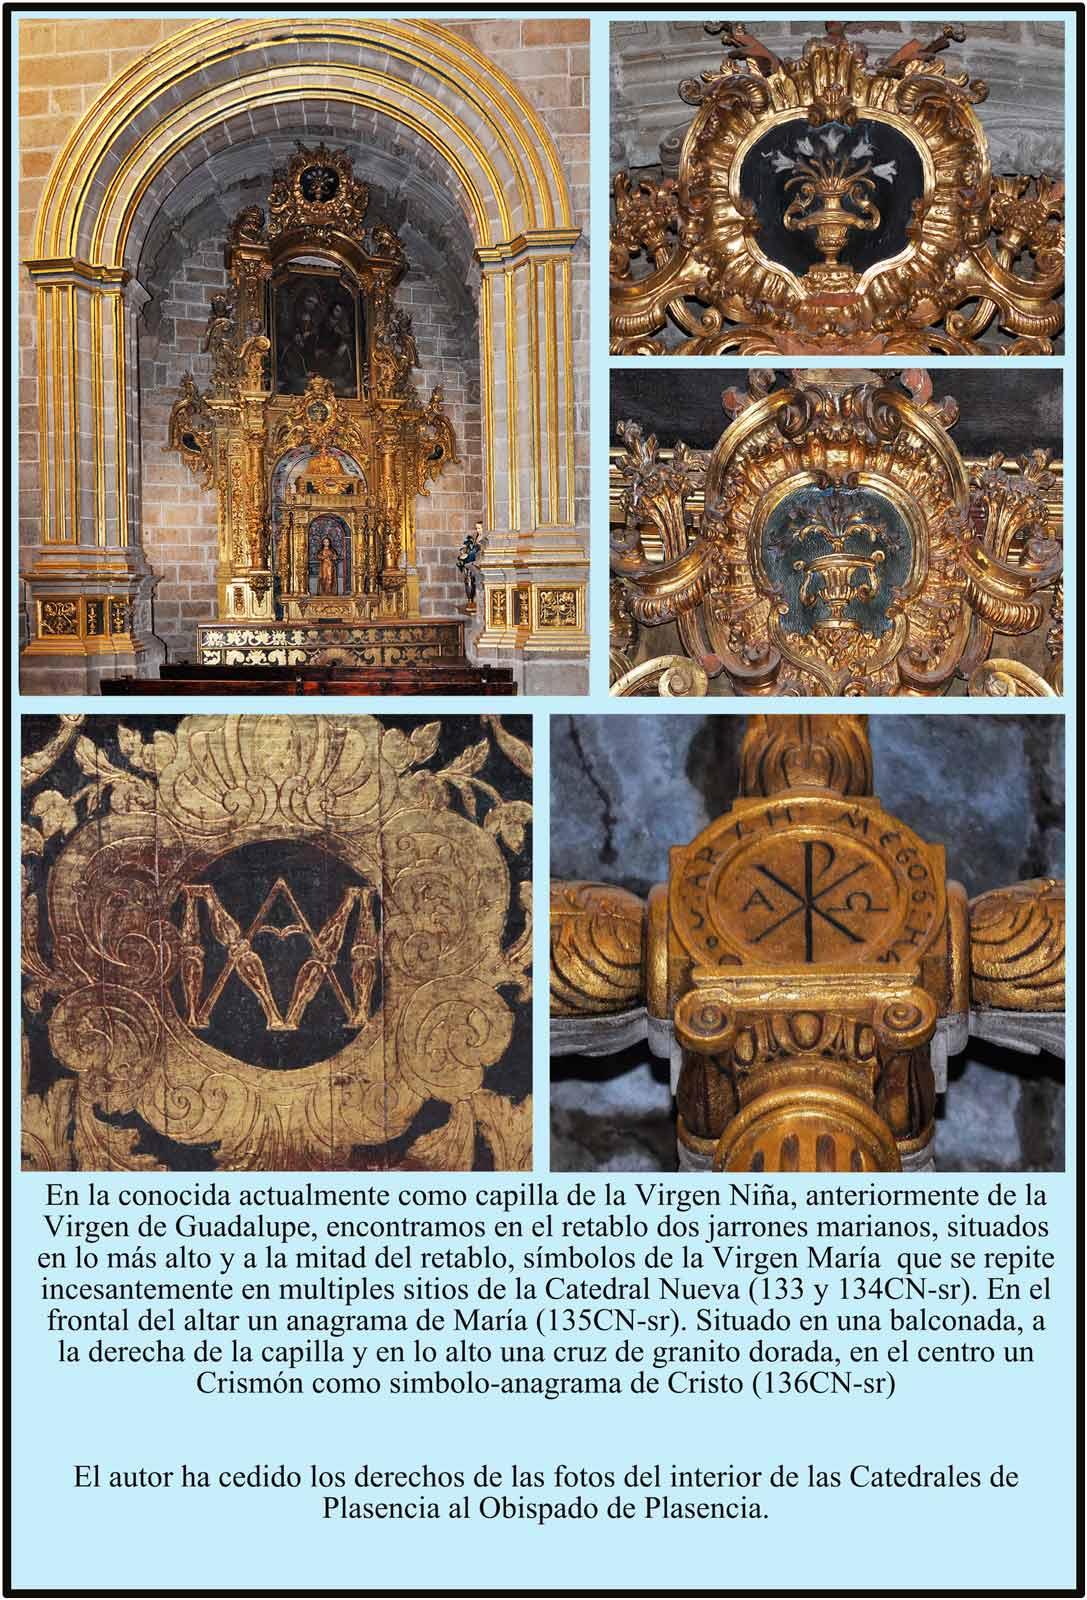 Capilla Virgen Niña Plasencia. Simbolos Marianos